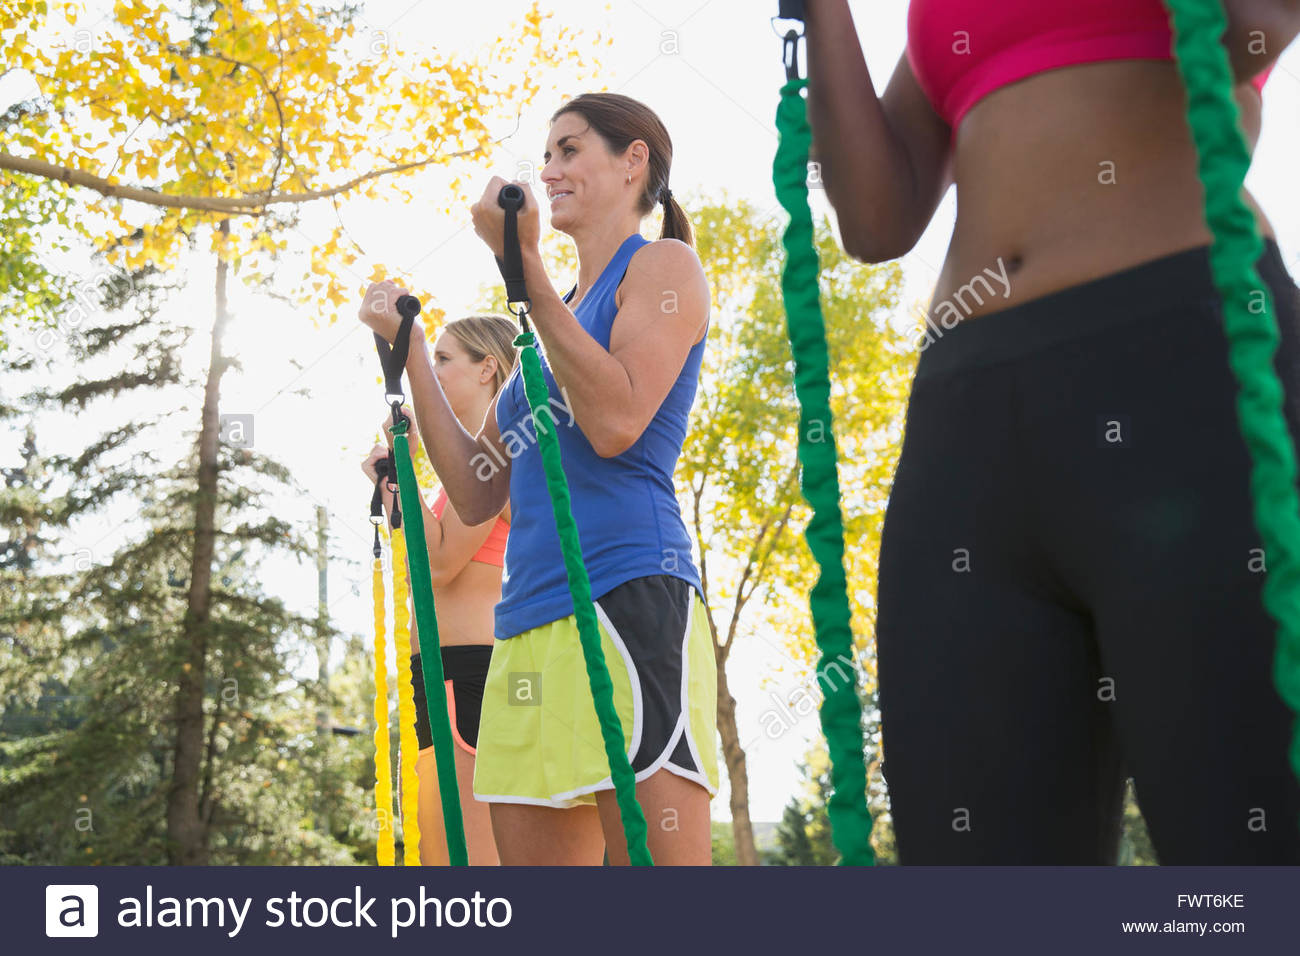 Le donne che utilizzano bande di resistenza all'aperto classe fitness. Immagini Stock